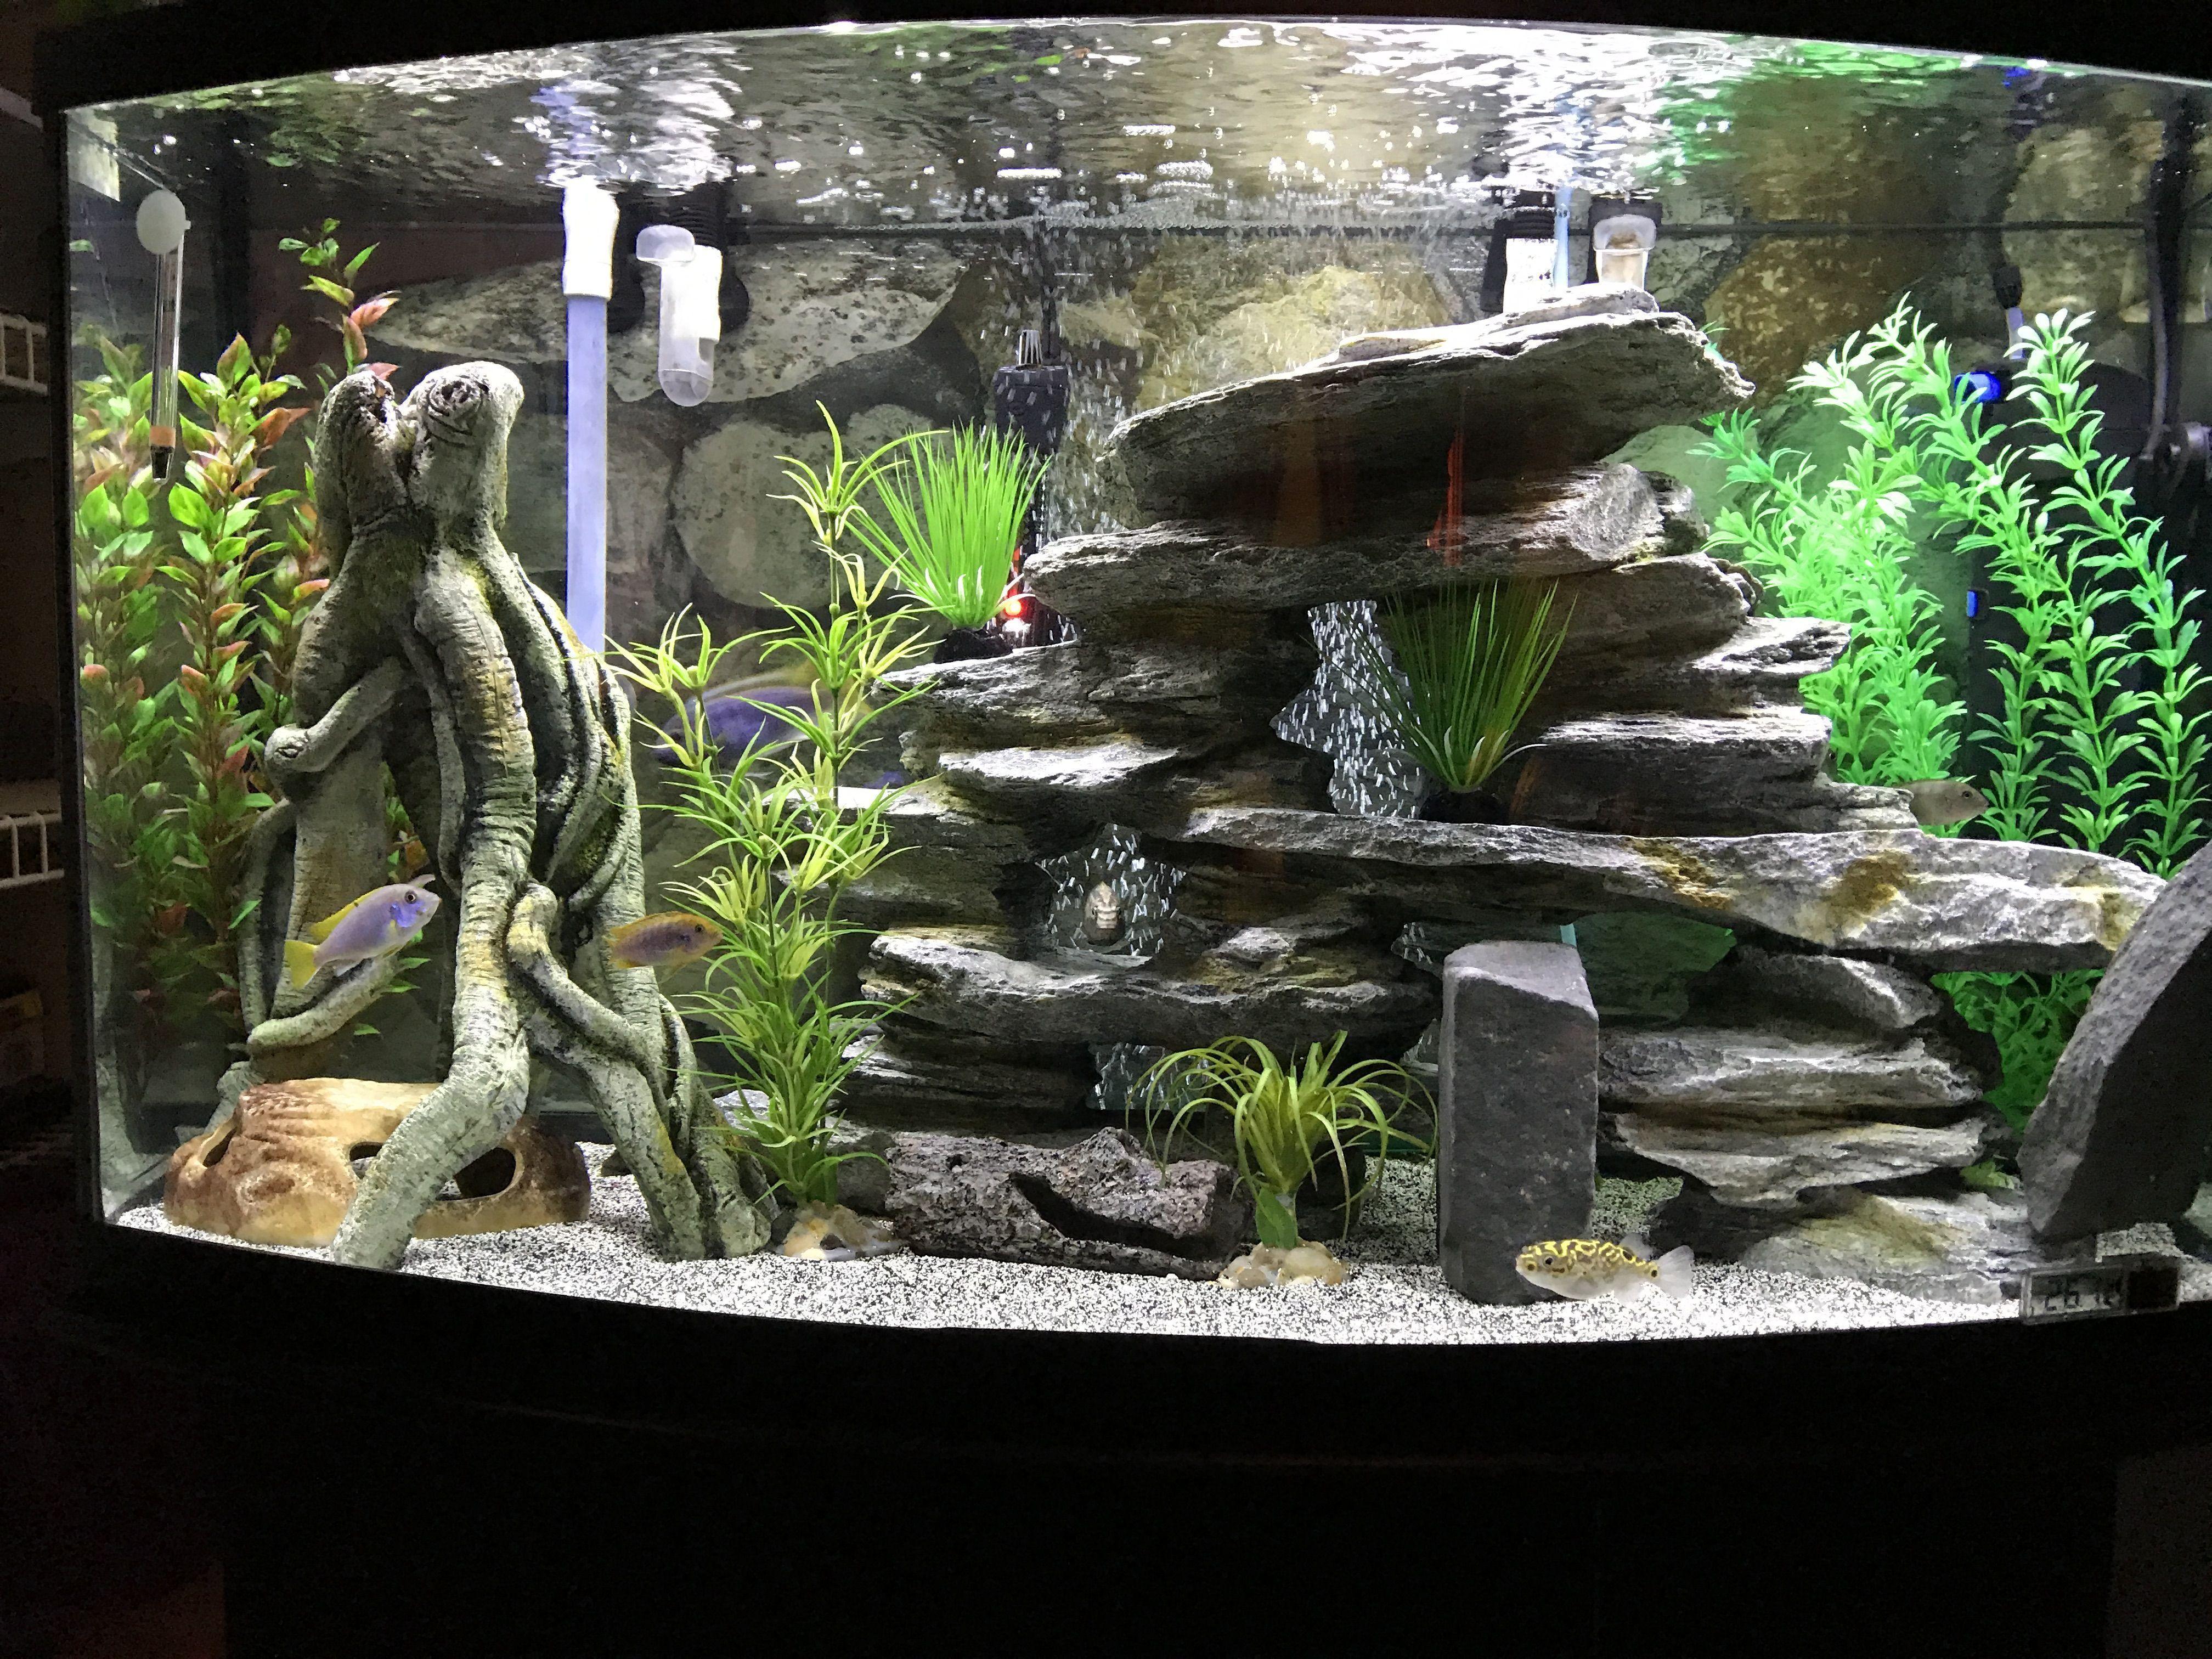 Aquariumtanksideas Tropicalfishaquariumideas